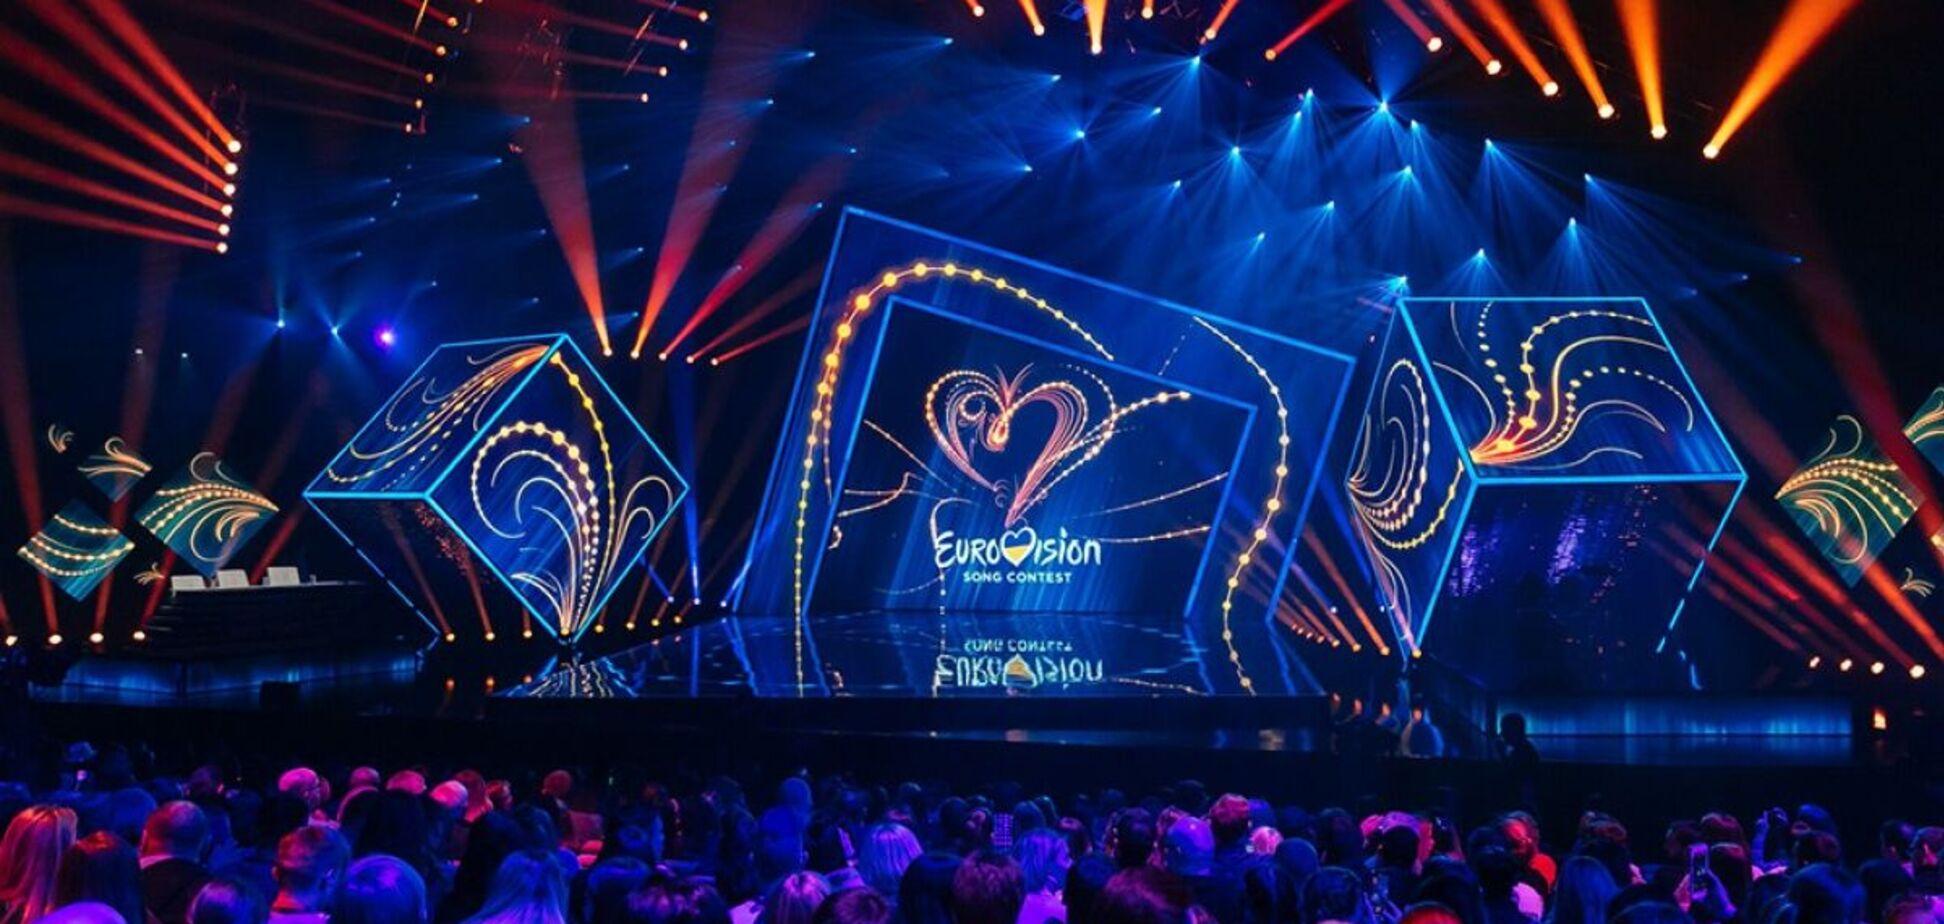 Євробачення 2021 пройде у незвичайному форматі: організатори розповіли подробиці